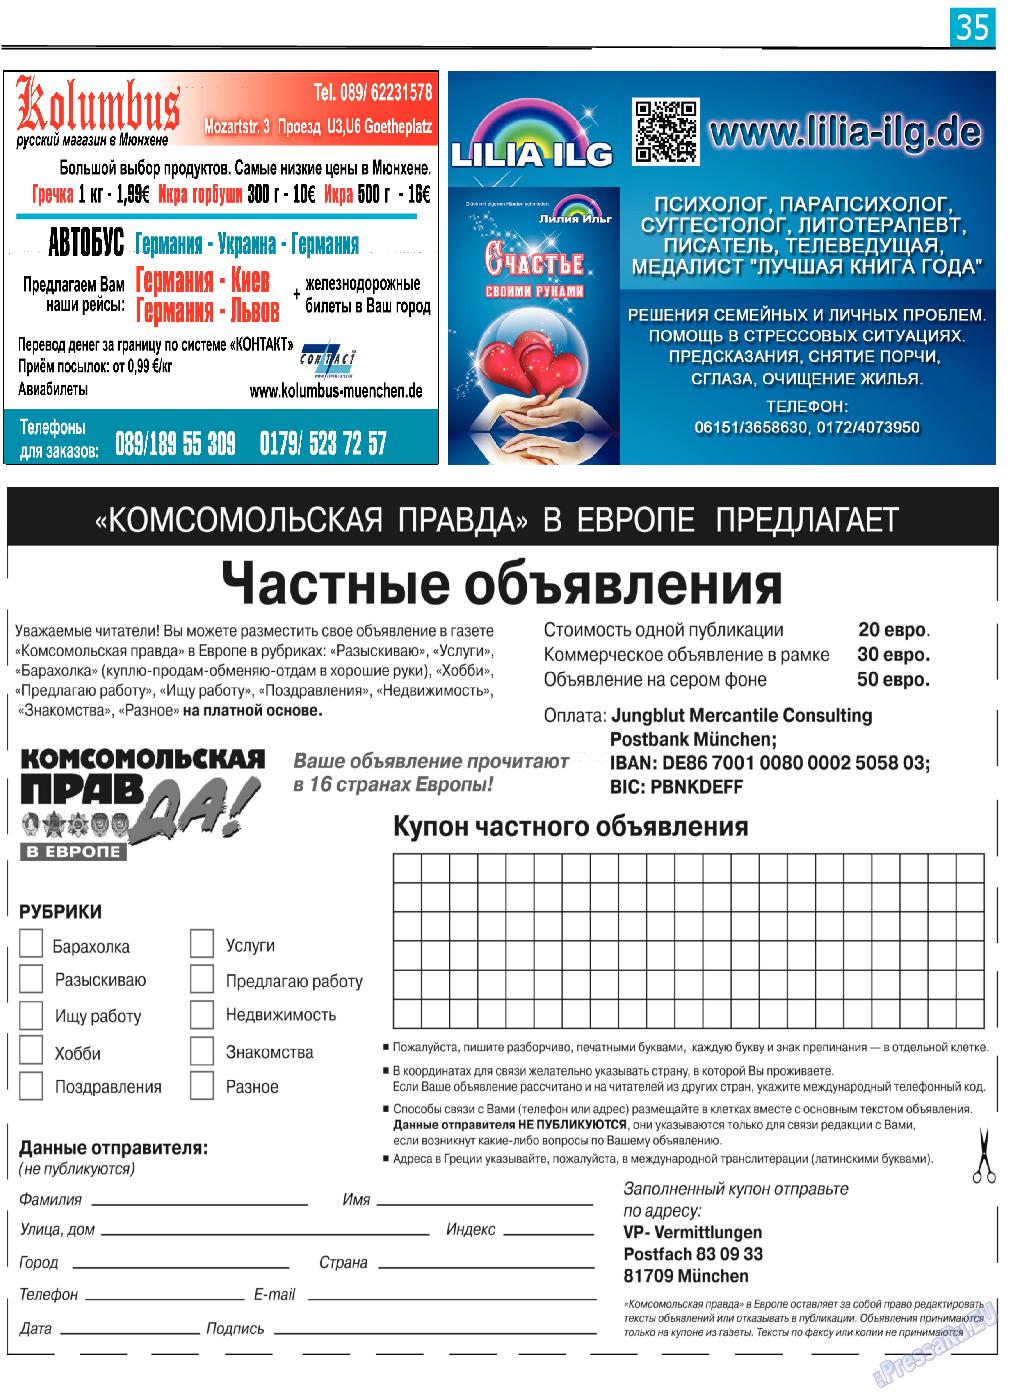 КП в Европе (газета). 2019 год, номер 16, стр. 35